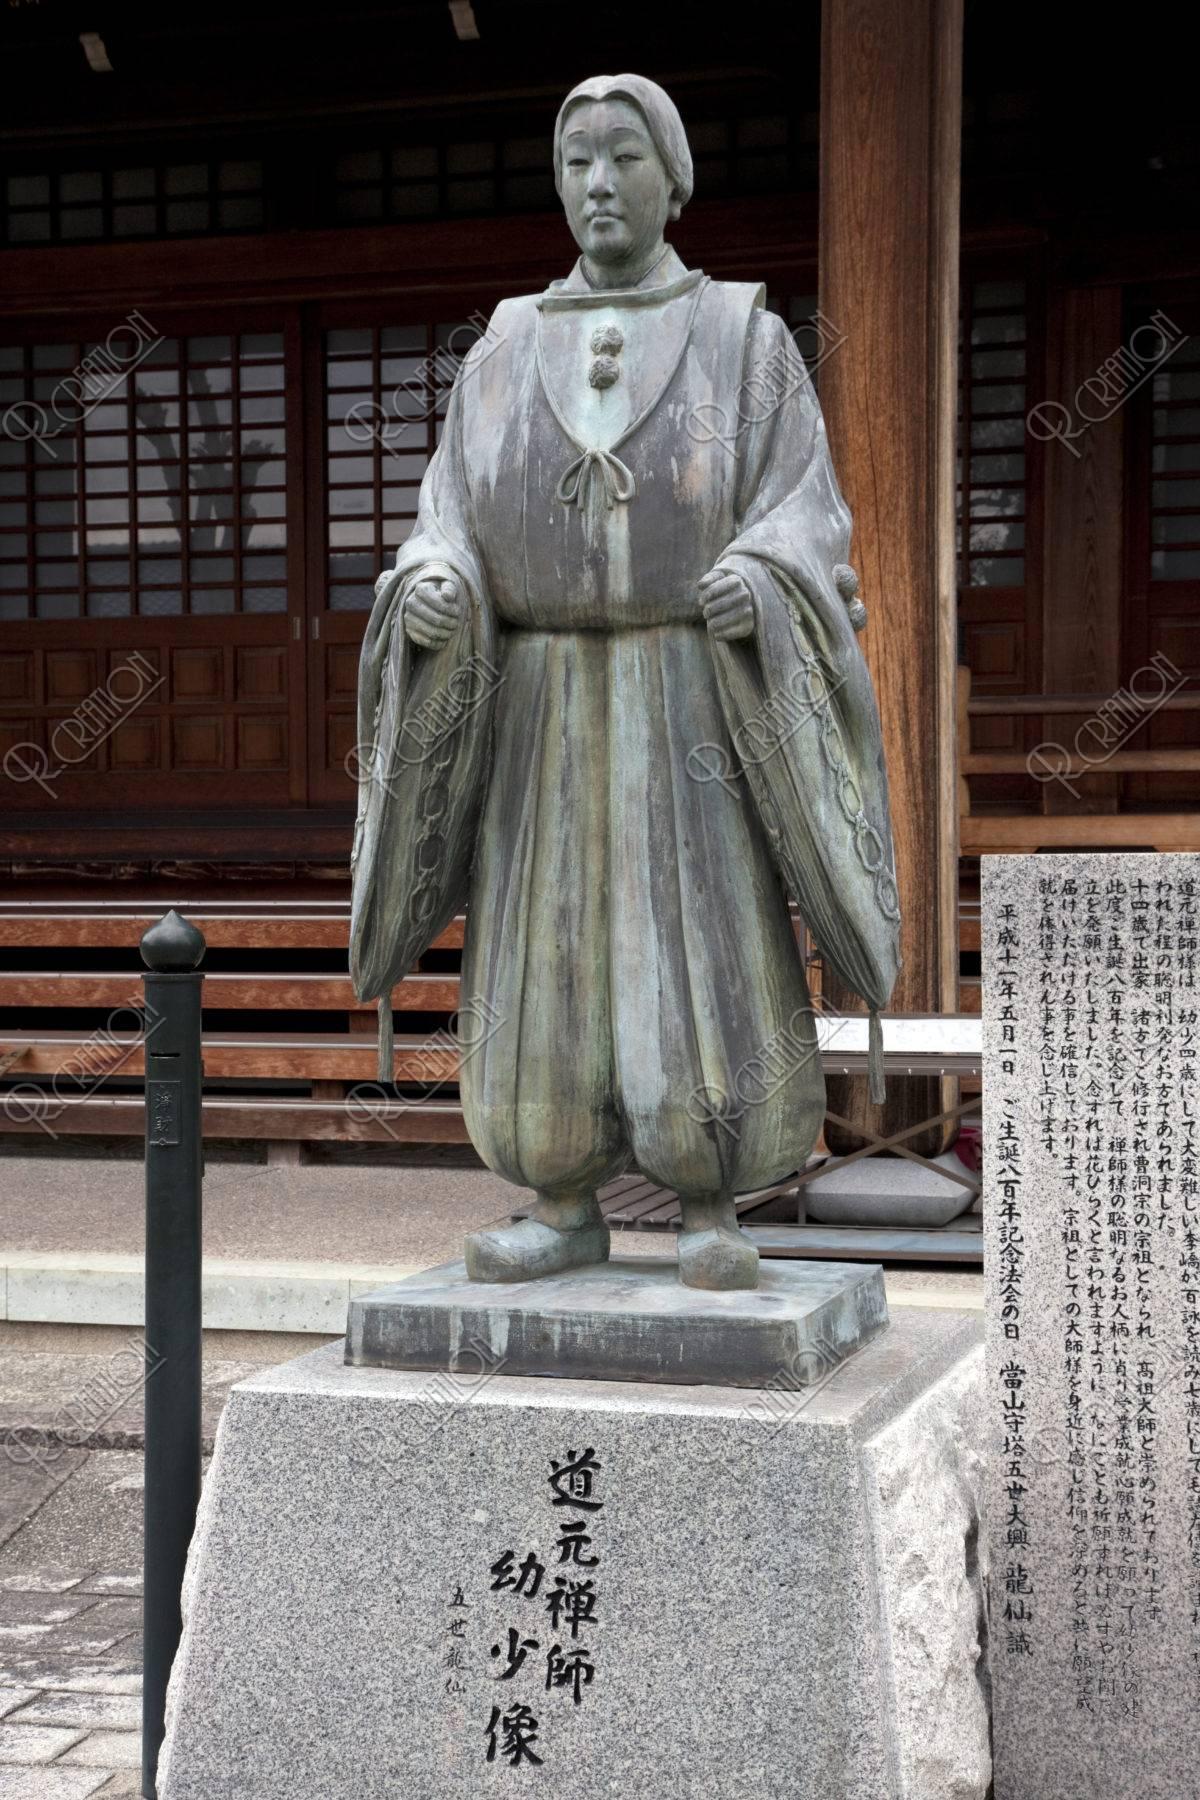 誕生寺 道元禅師幼少像